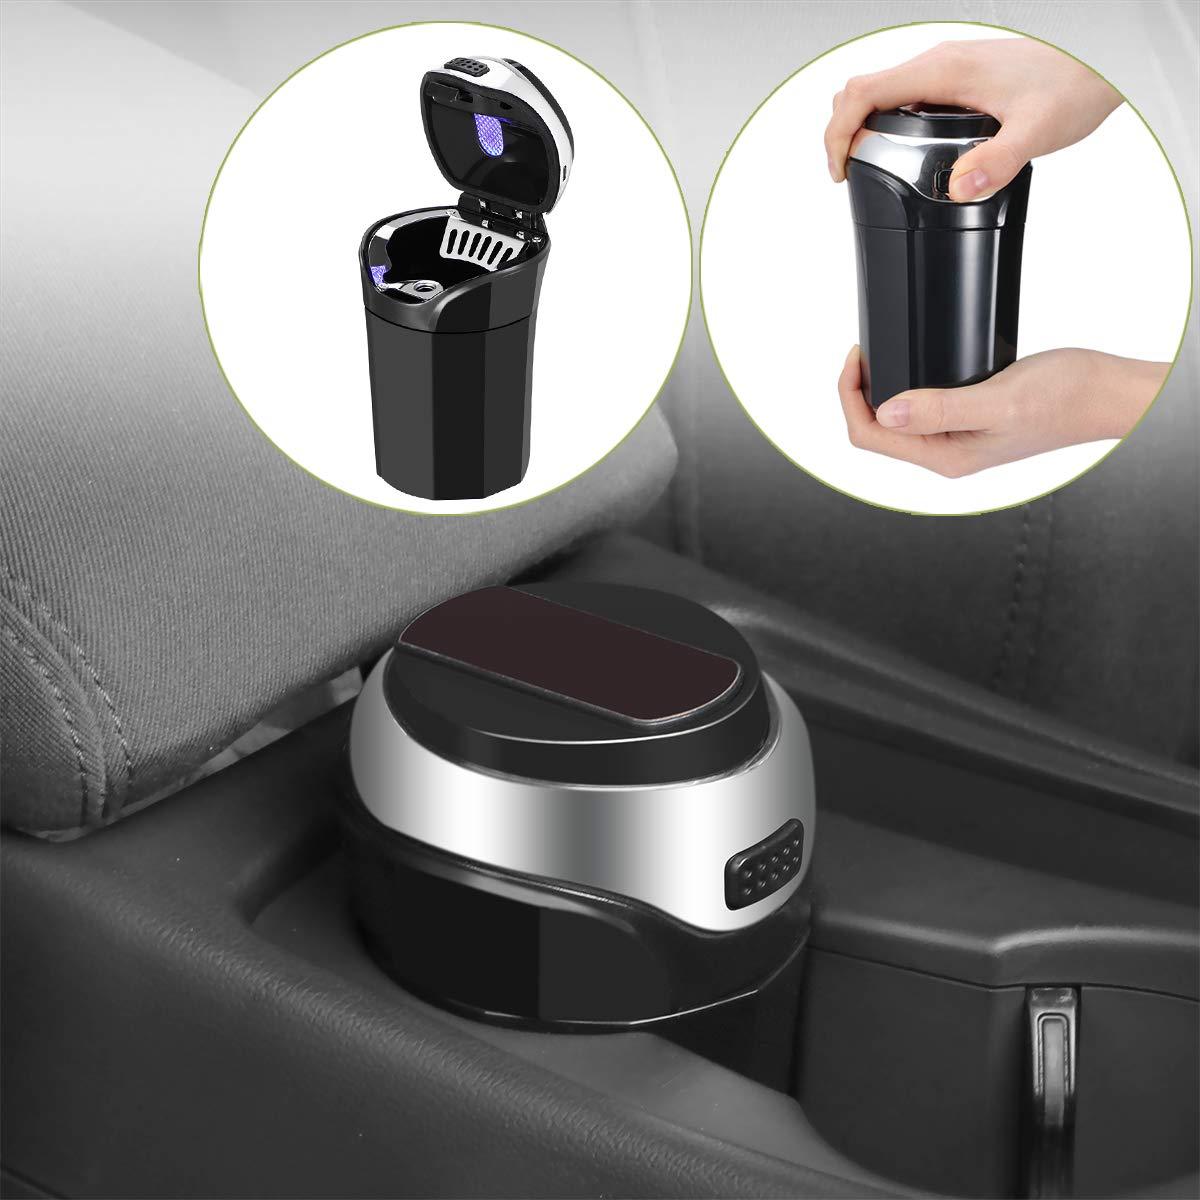 Posacenere LED per auto Posacenere per auto ricaricabile in acciaio inox con accendisigari estraibile e luce LED blu per portabicchieri auto senza fumo staccabile